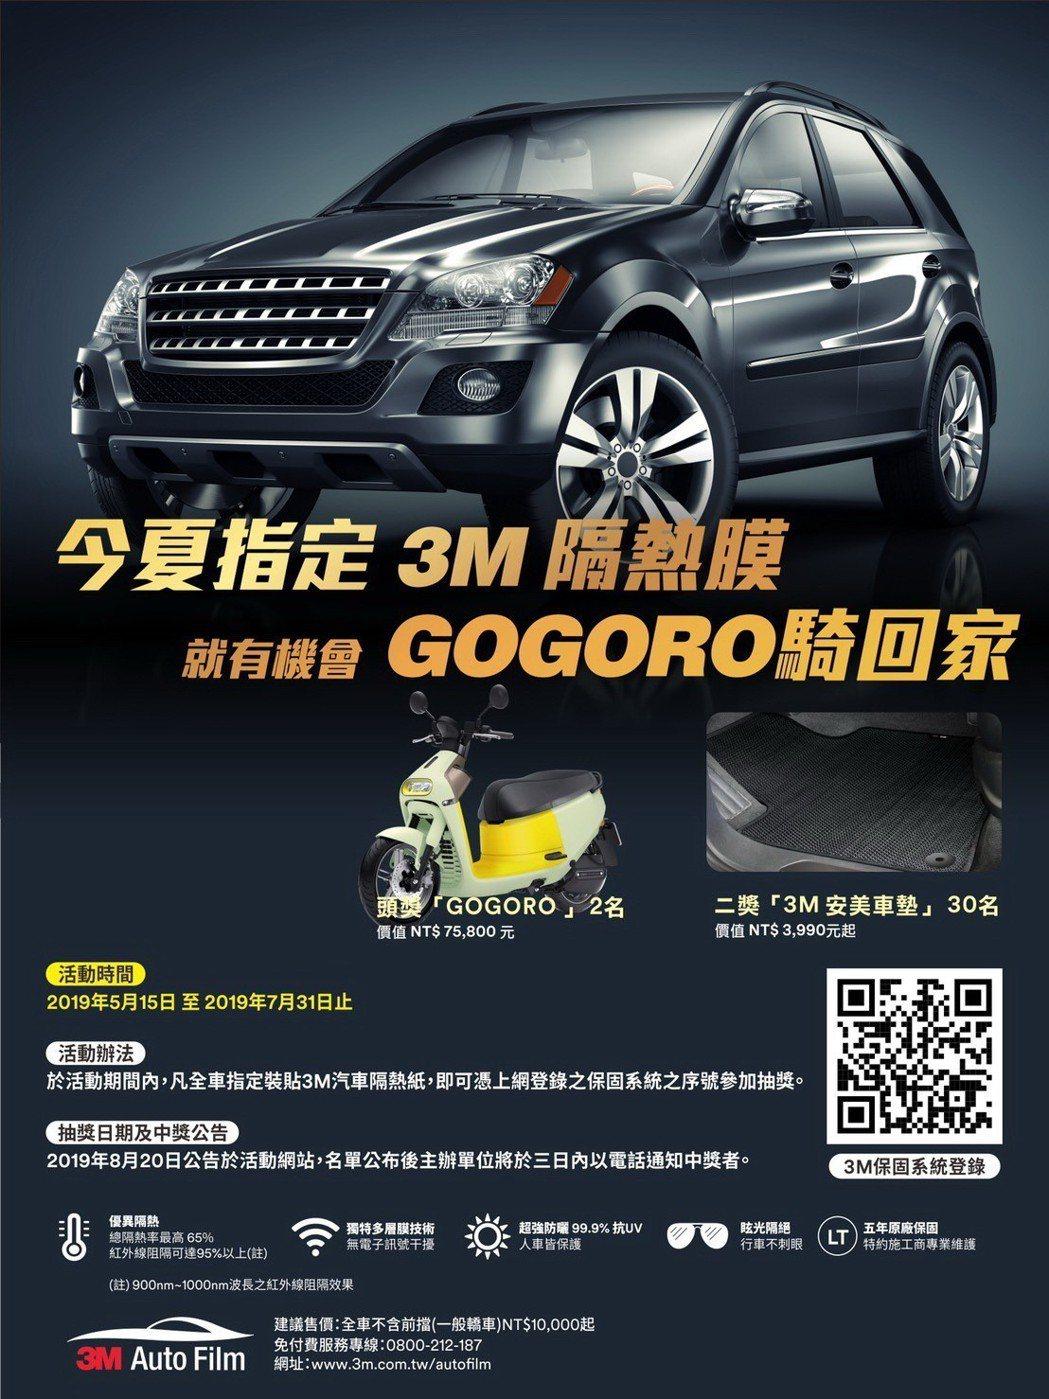 今夏指定3M隔熱膜,就有機會將最新Gogoro 3騎回家。 圖/美商3M提供